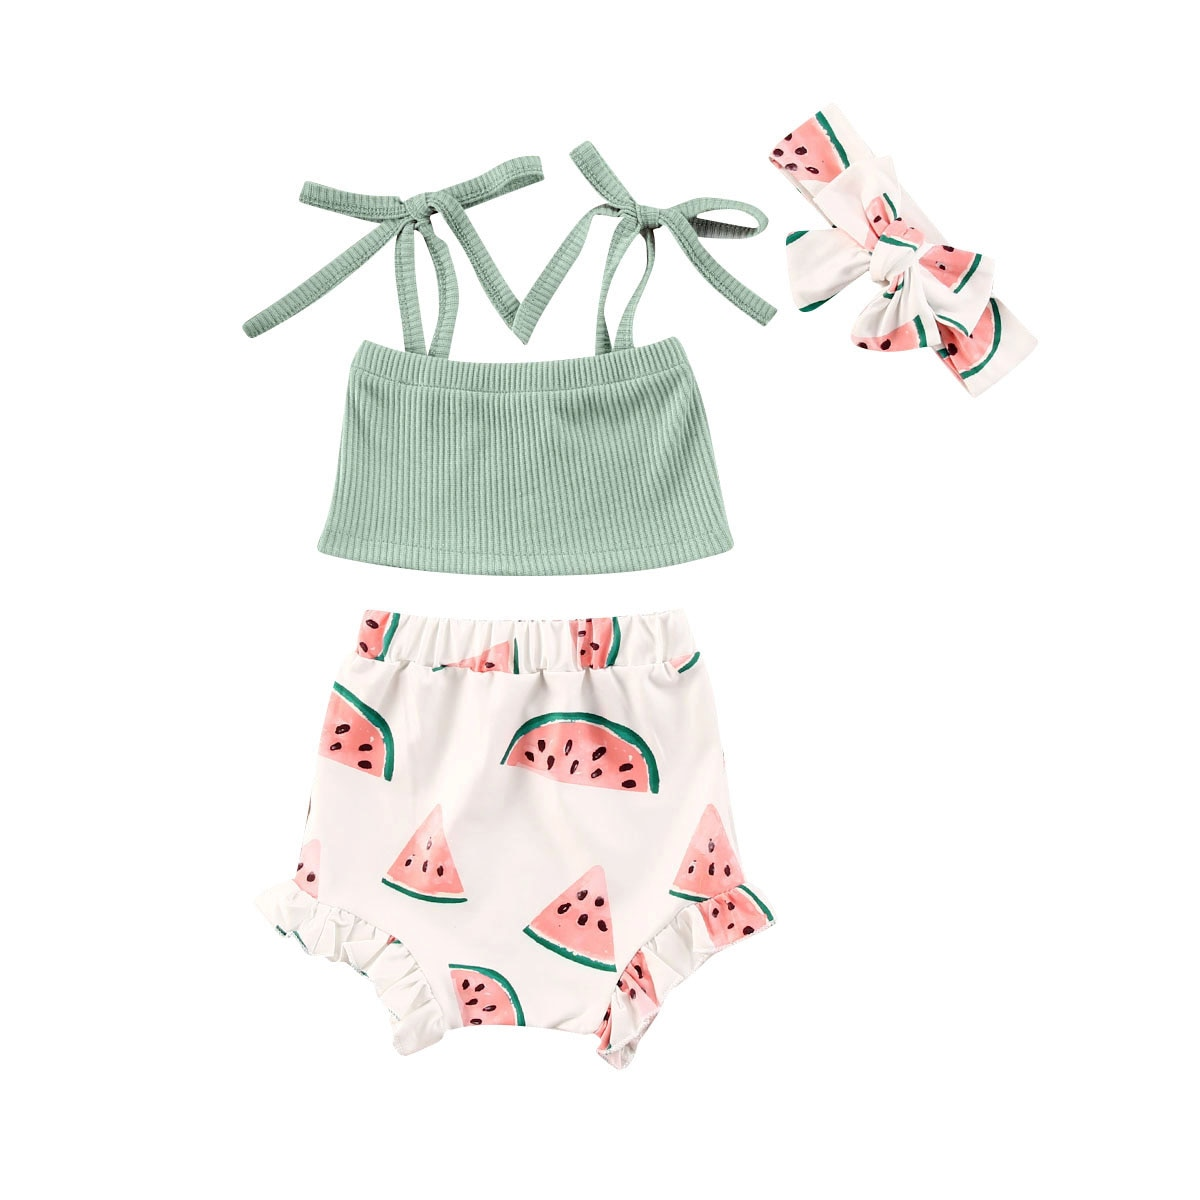 Conjuntos de ropa para recién nacidos y bebés, Tops cortos con tirantes de punto acanalado sin mangas de verano + estampado de sandías diademas para cabello corto